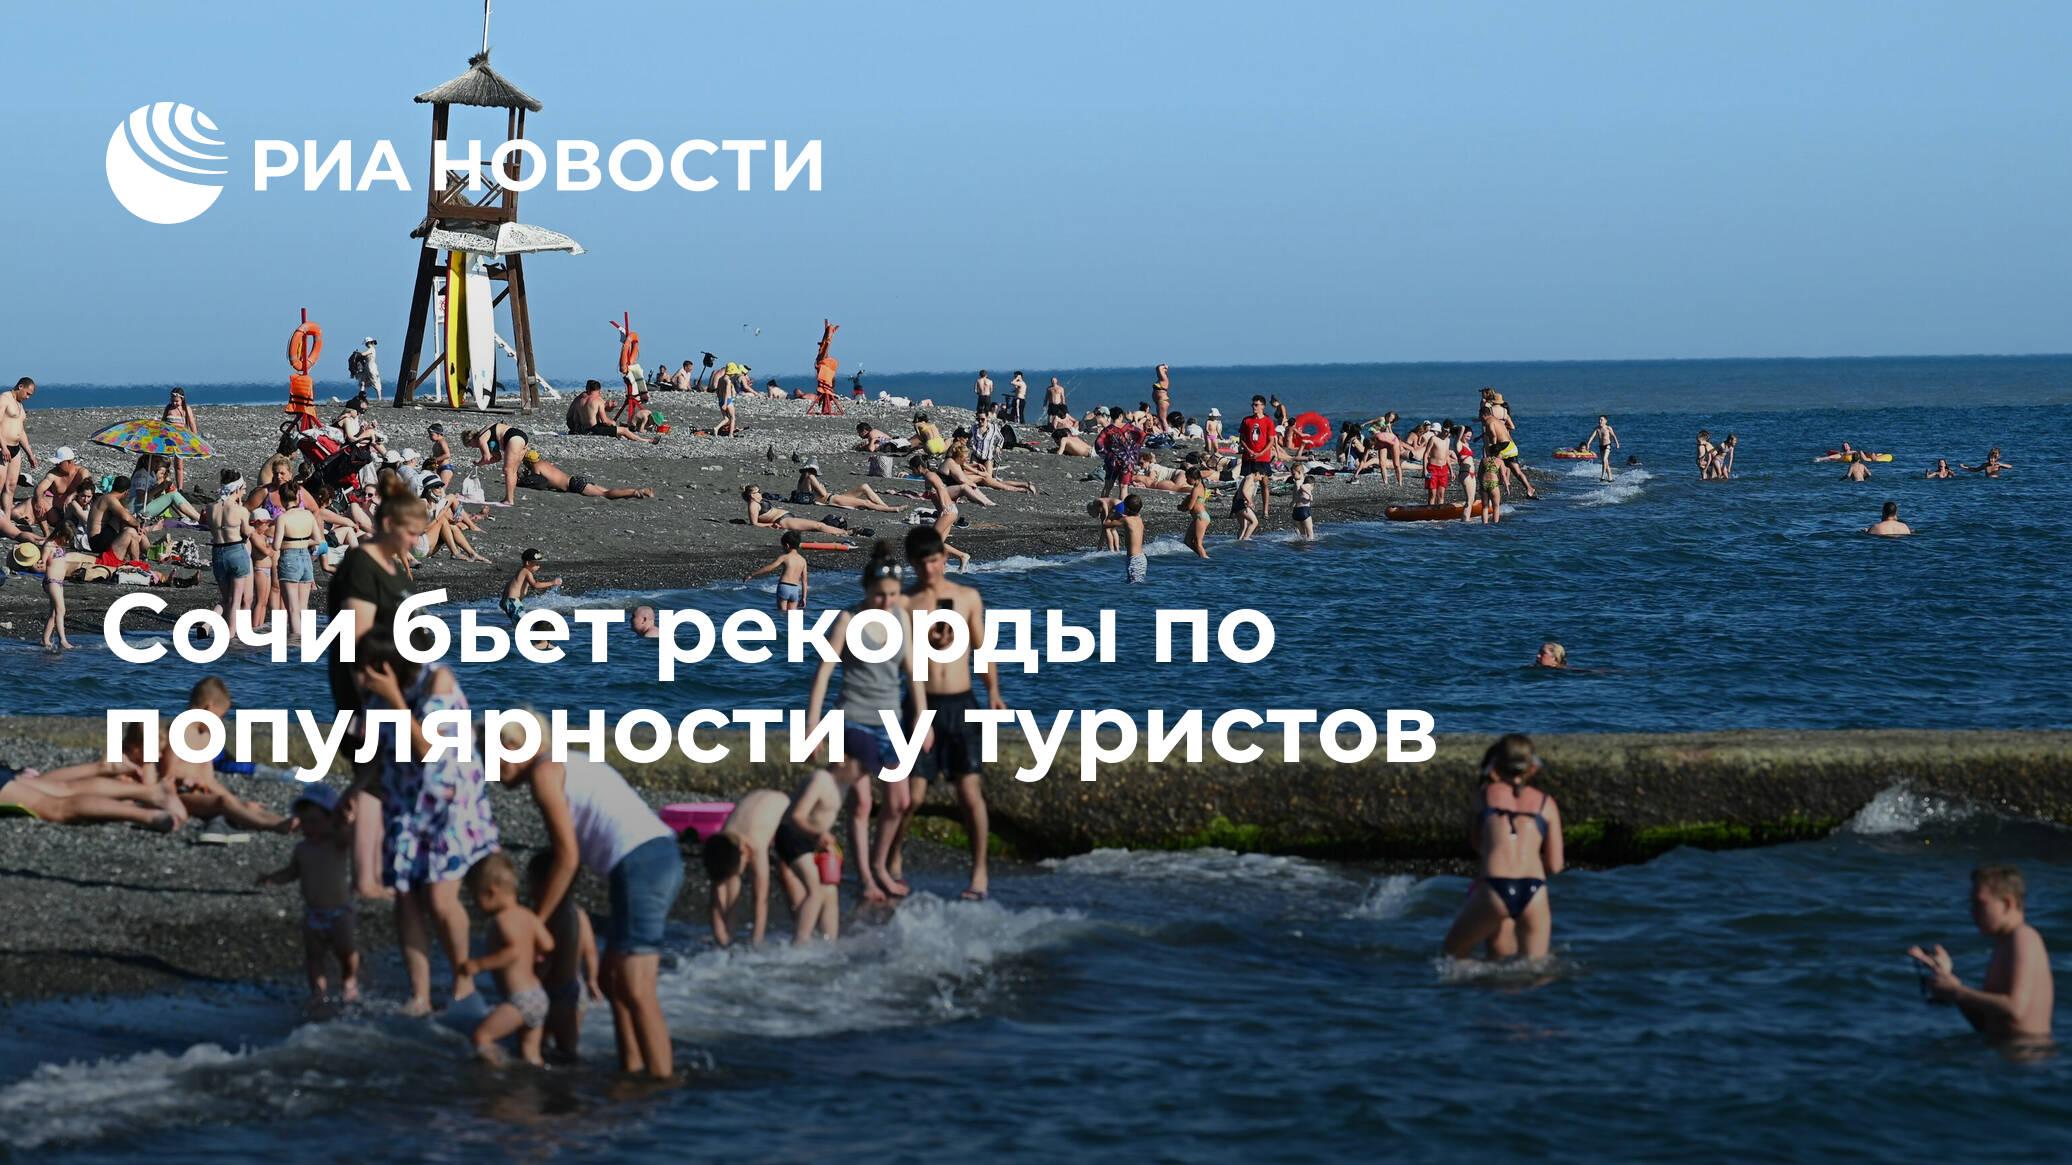 Сочи бьет рекорды по популярности у туристов - РИА НОВОСТИ